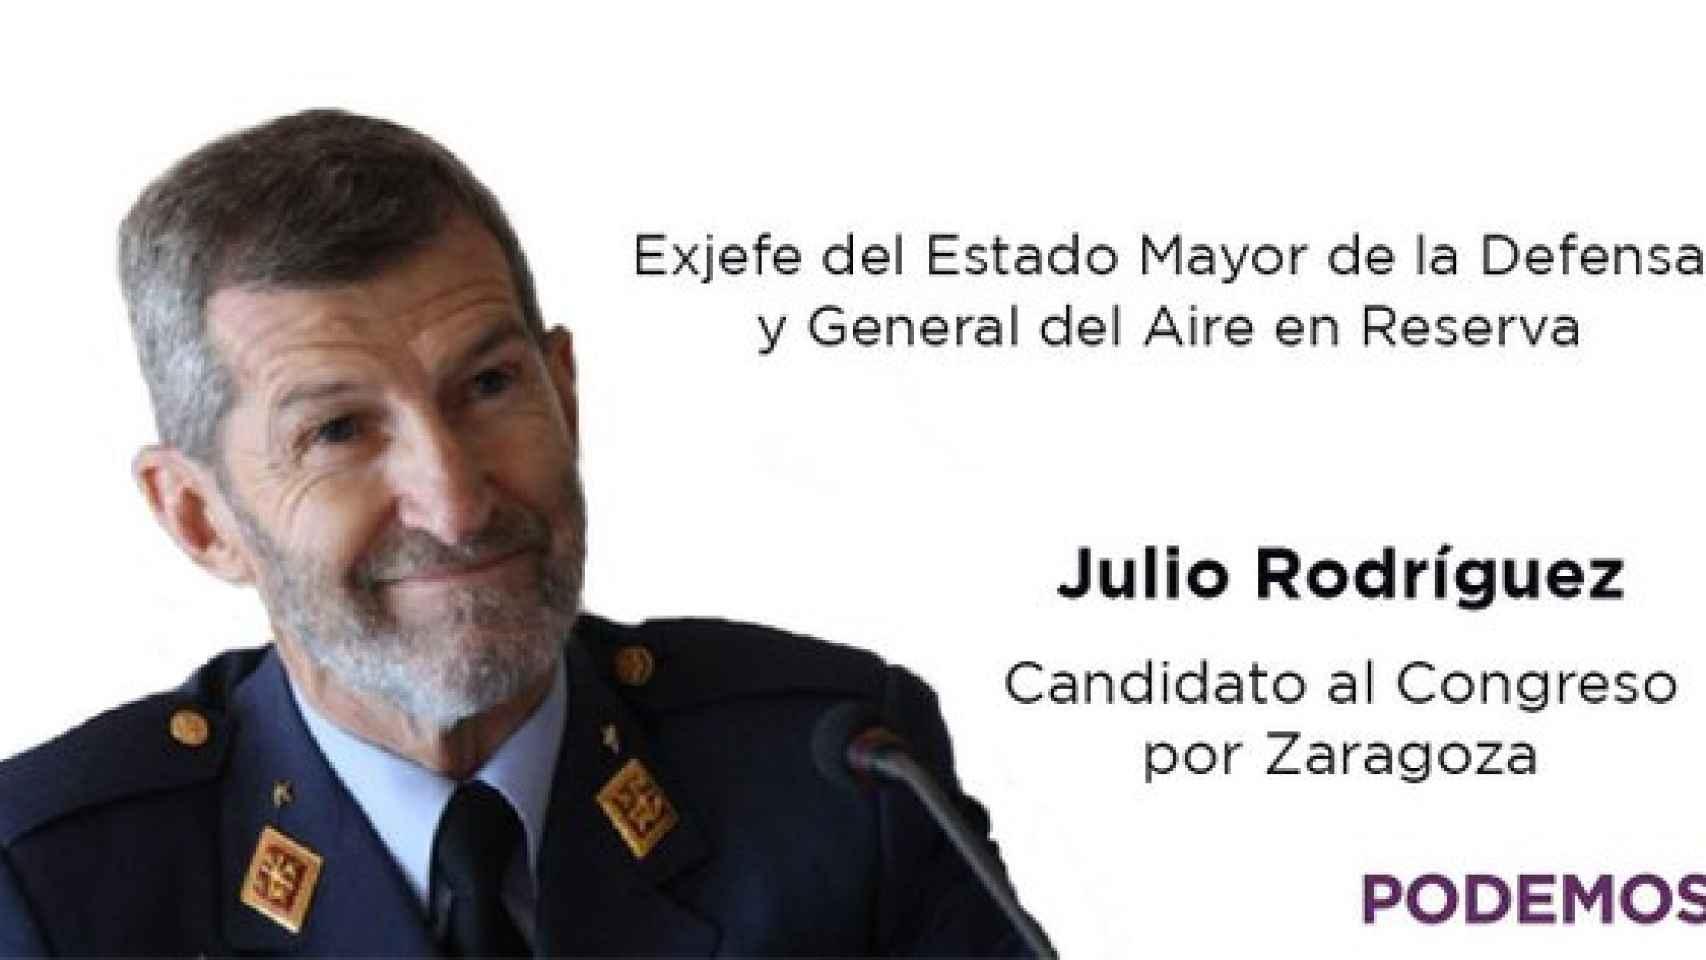 El tuit de Podemos anunciando el fichaje de Julio Rodríguez.